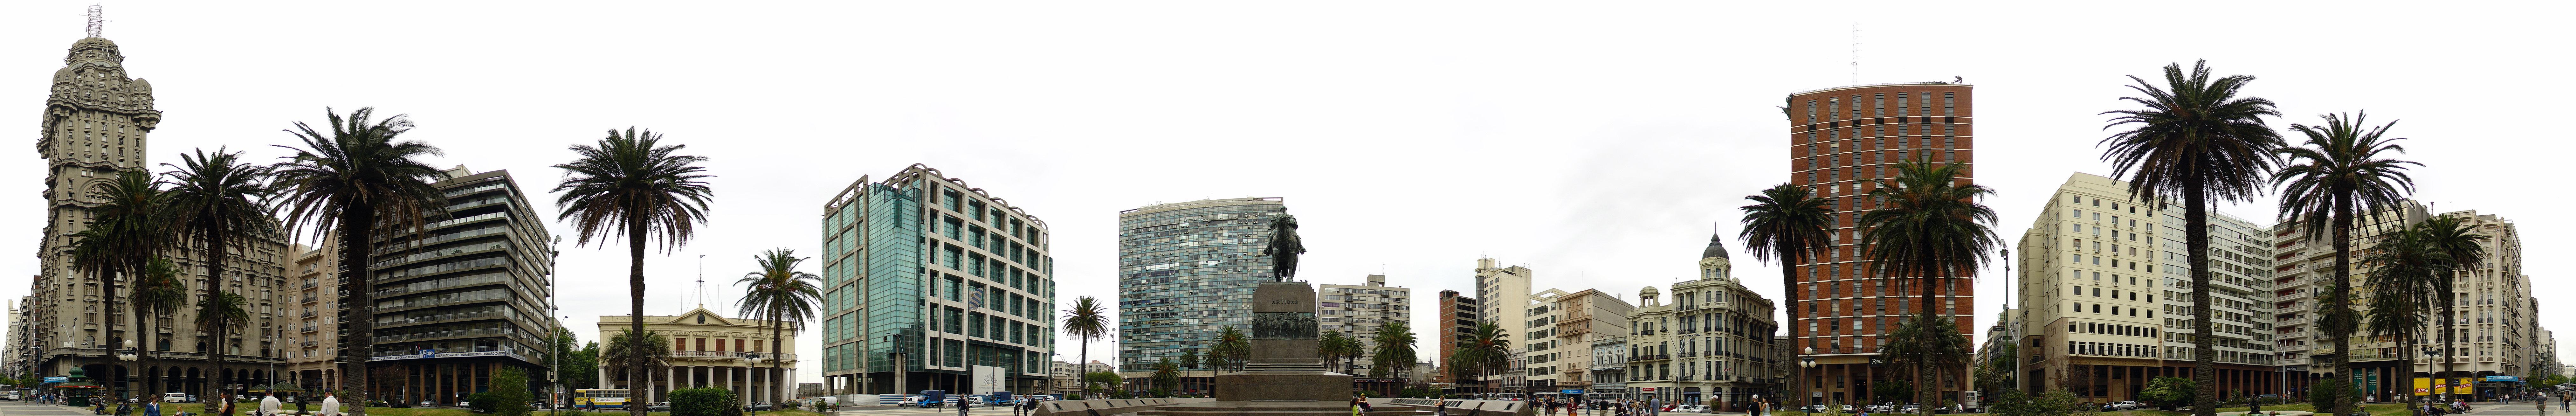 Montevideo_Décembre_2007_-_Plaza_de_Armas_2